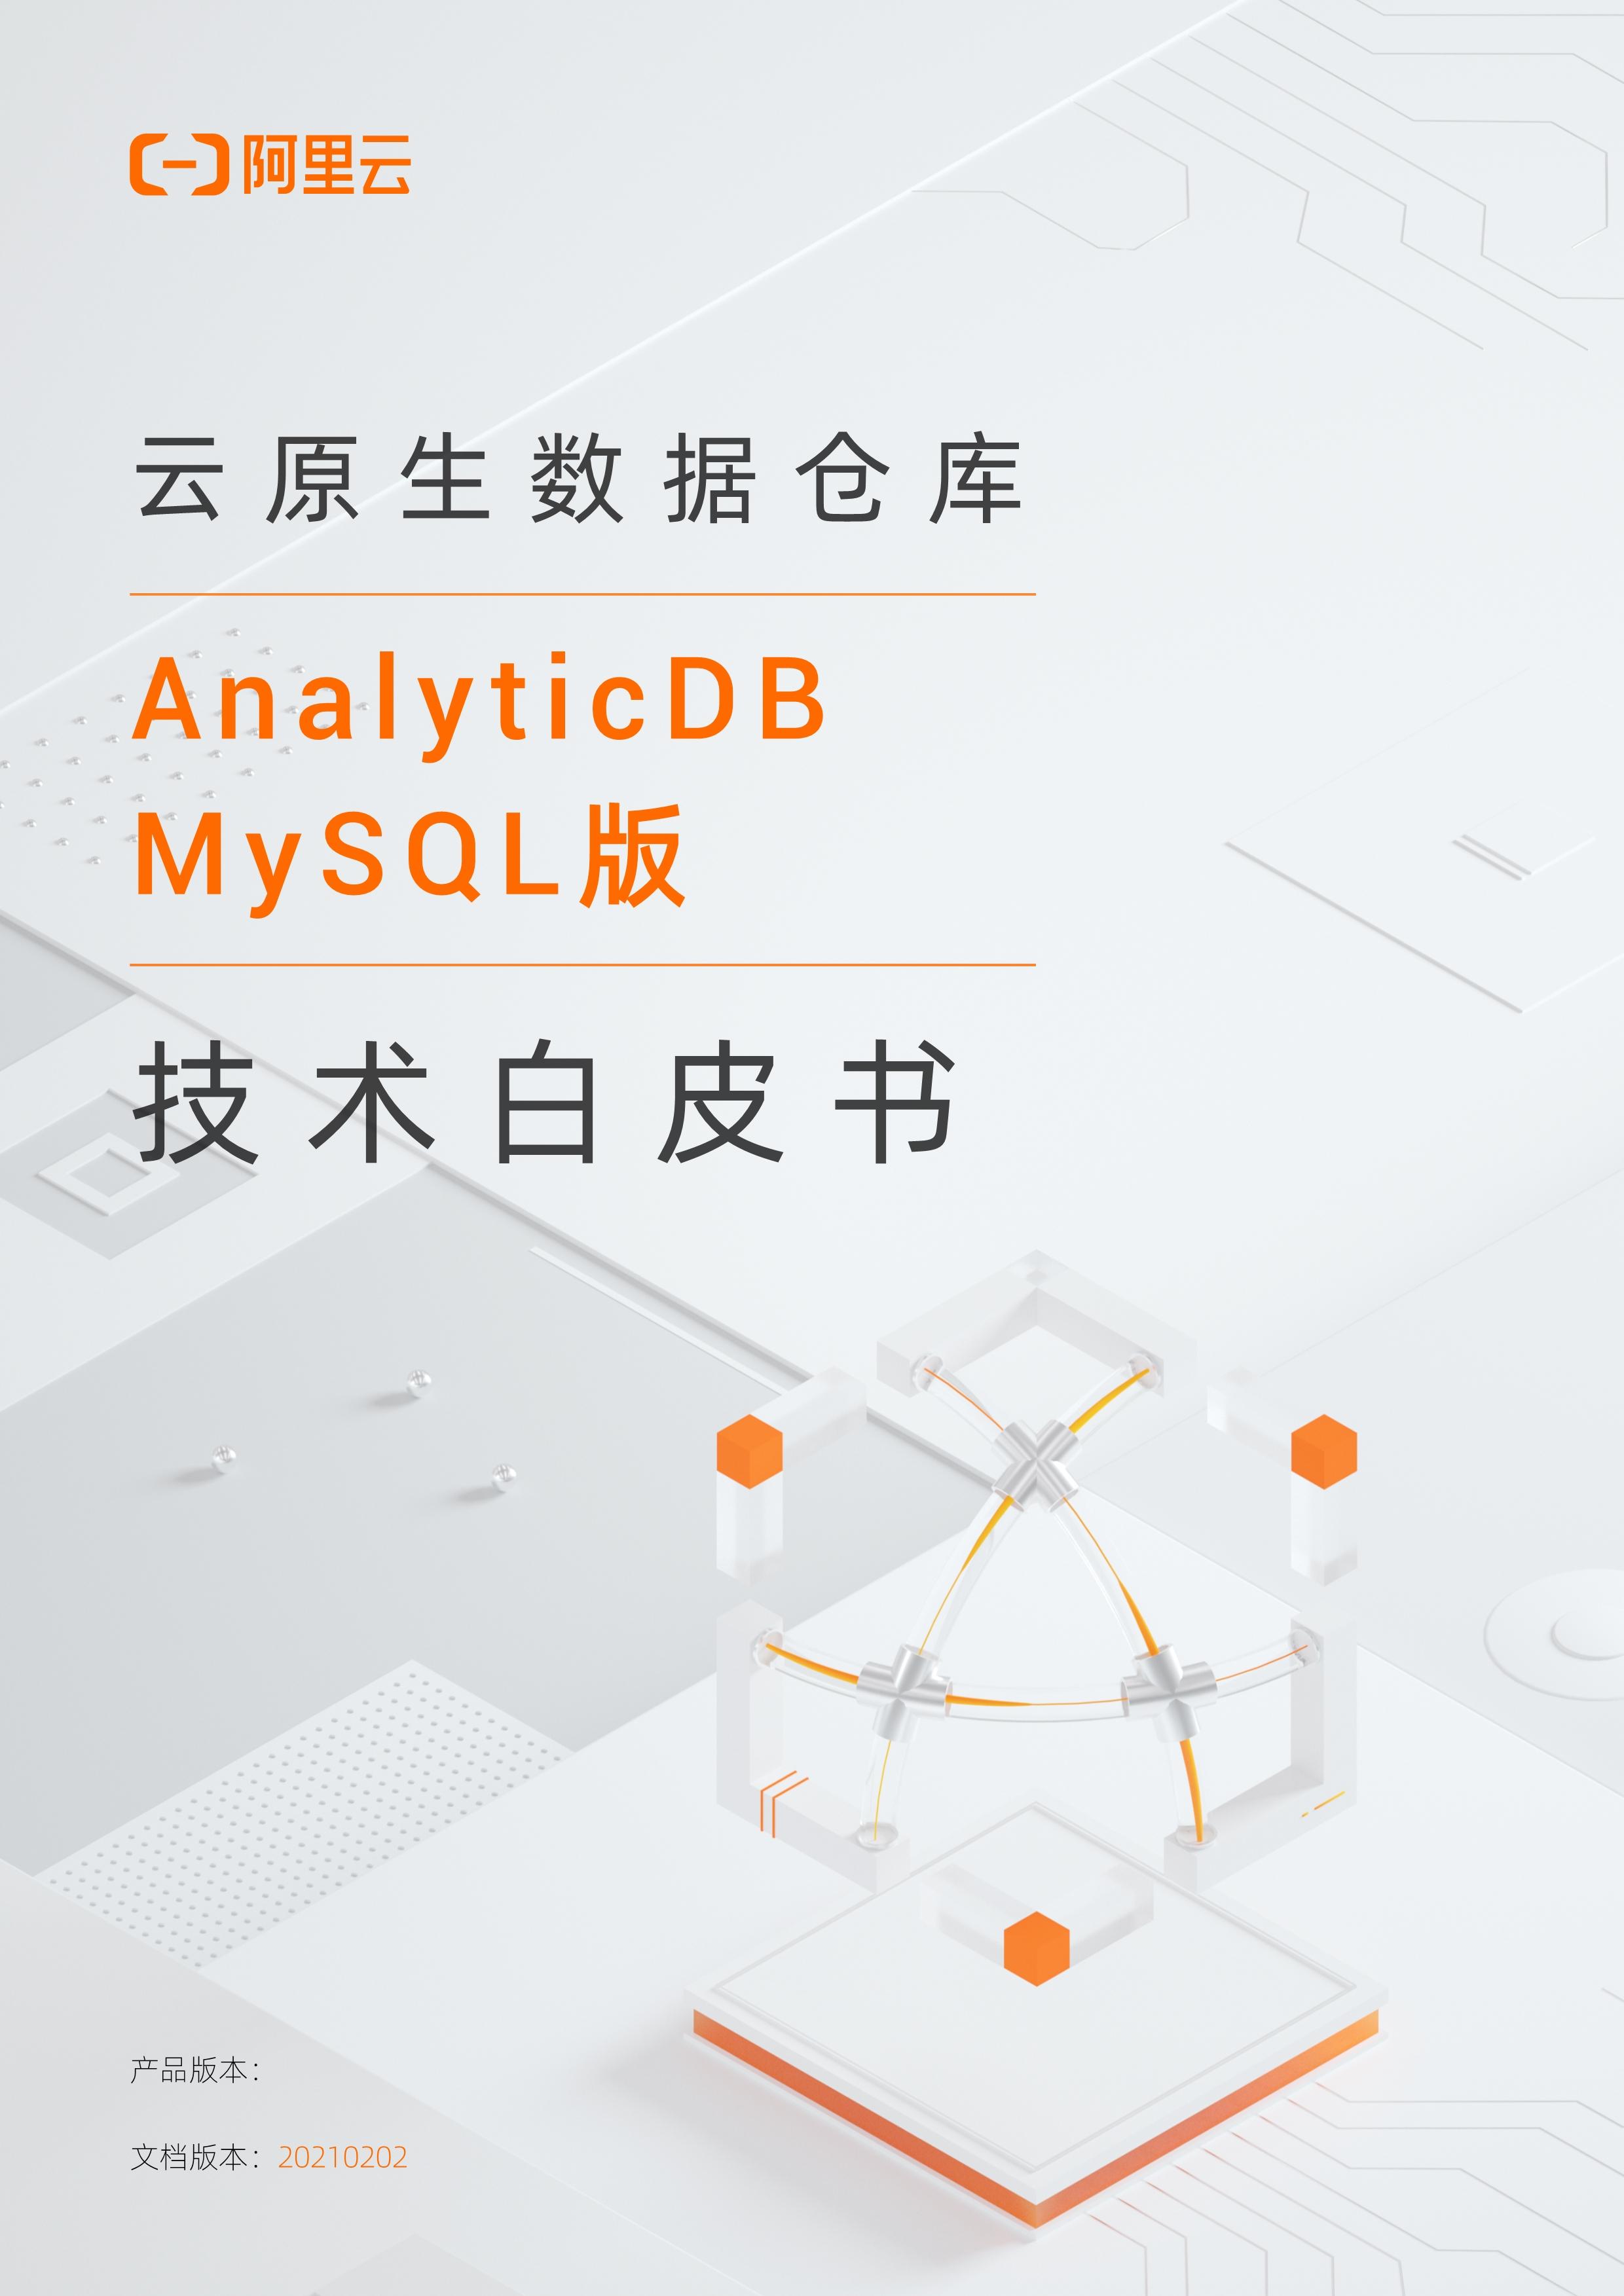 030815424906_0阿里云analyticdbmysql版技术白皮书_1.jpeg